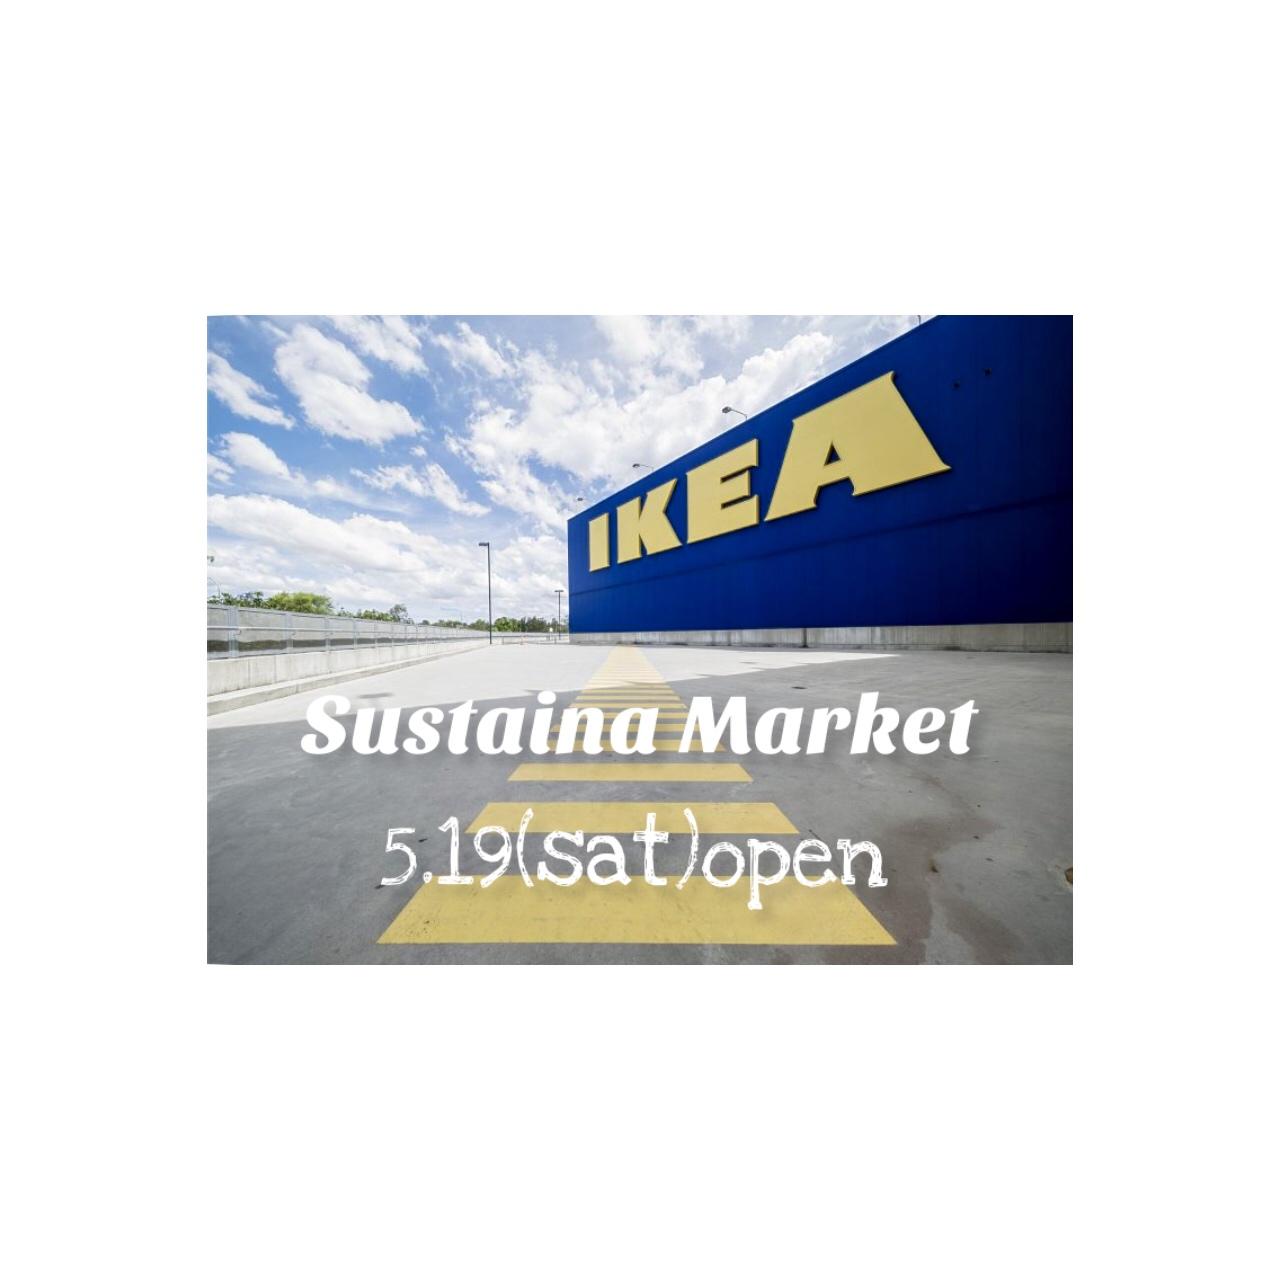 『IKEAイベント出店』